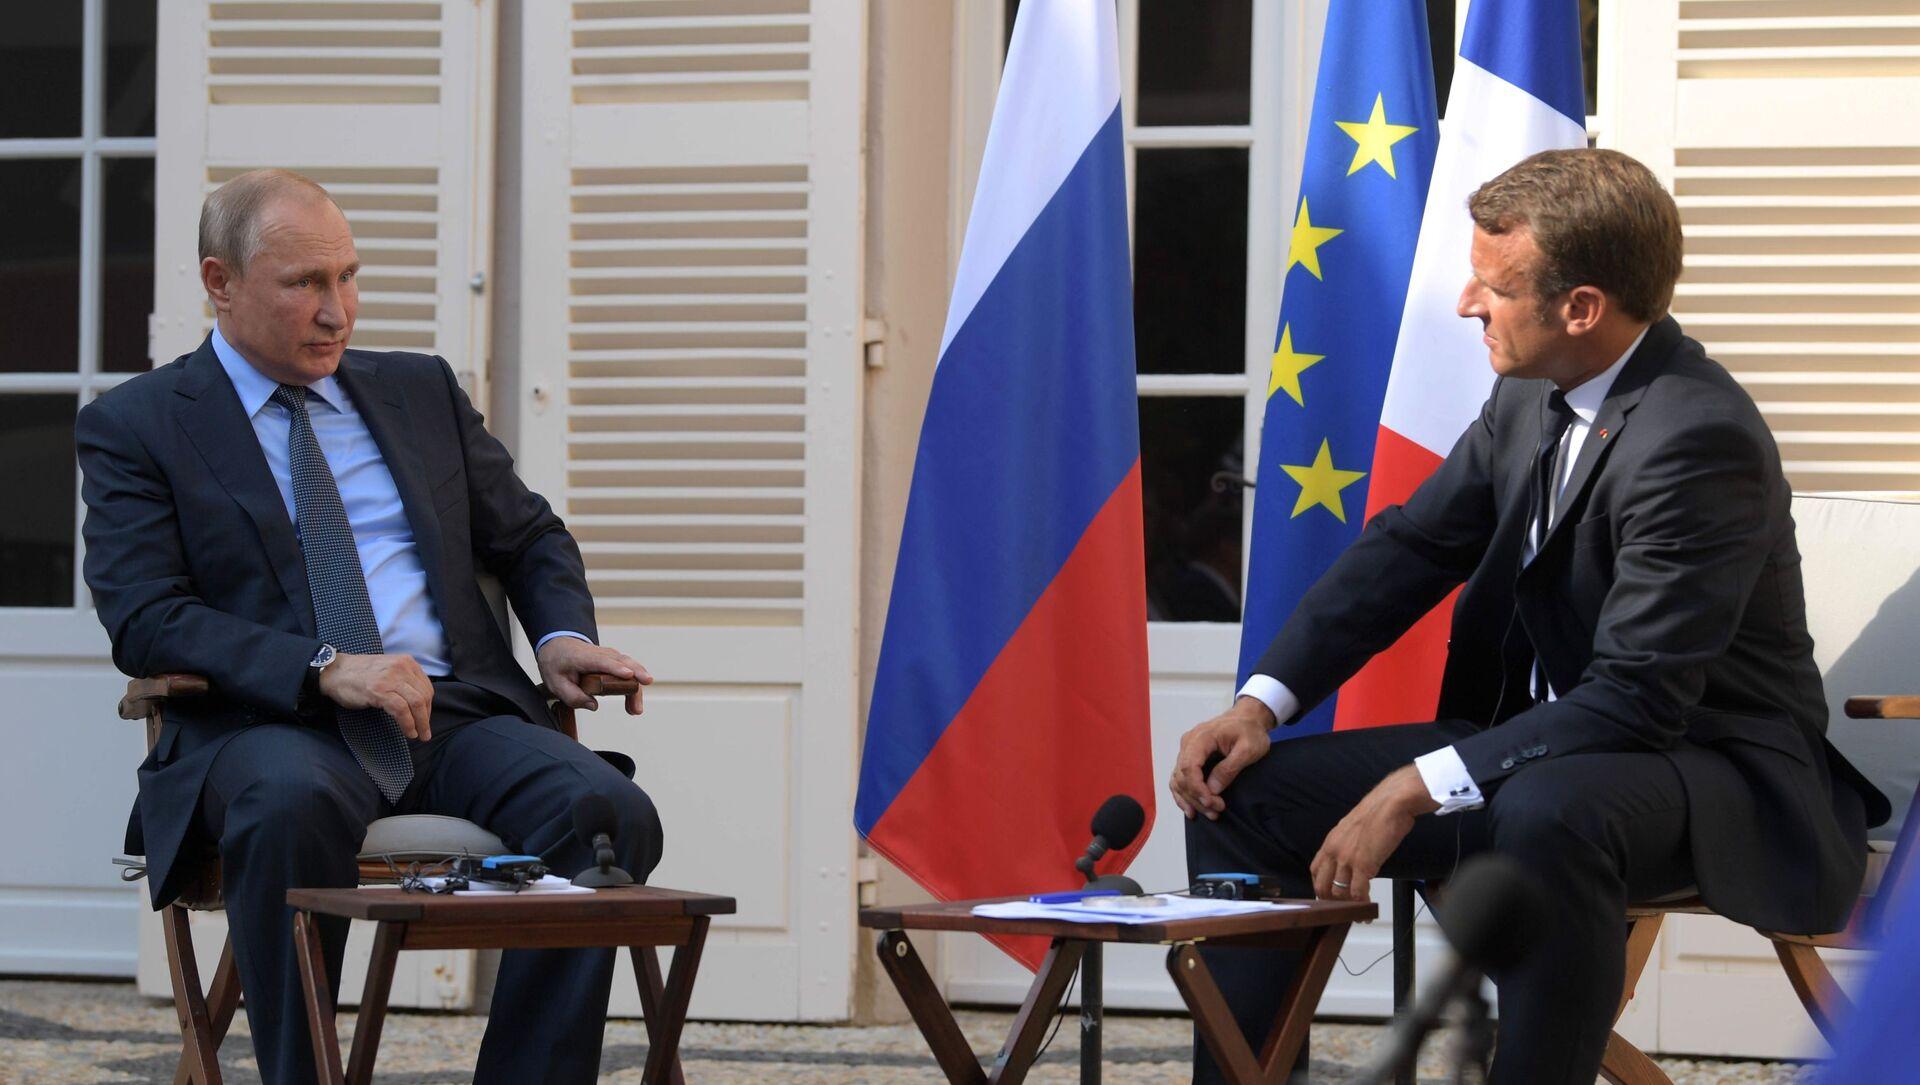 Vladimir Poutine et Emmanuel Macron lors d'une rencontre au fort de Brégançon (19 août 2019) - Sputnik France, 1920, 01.03.2021